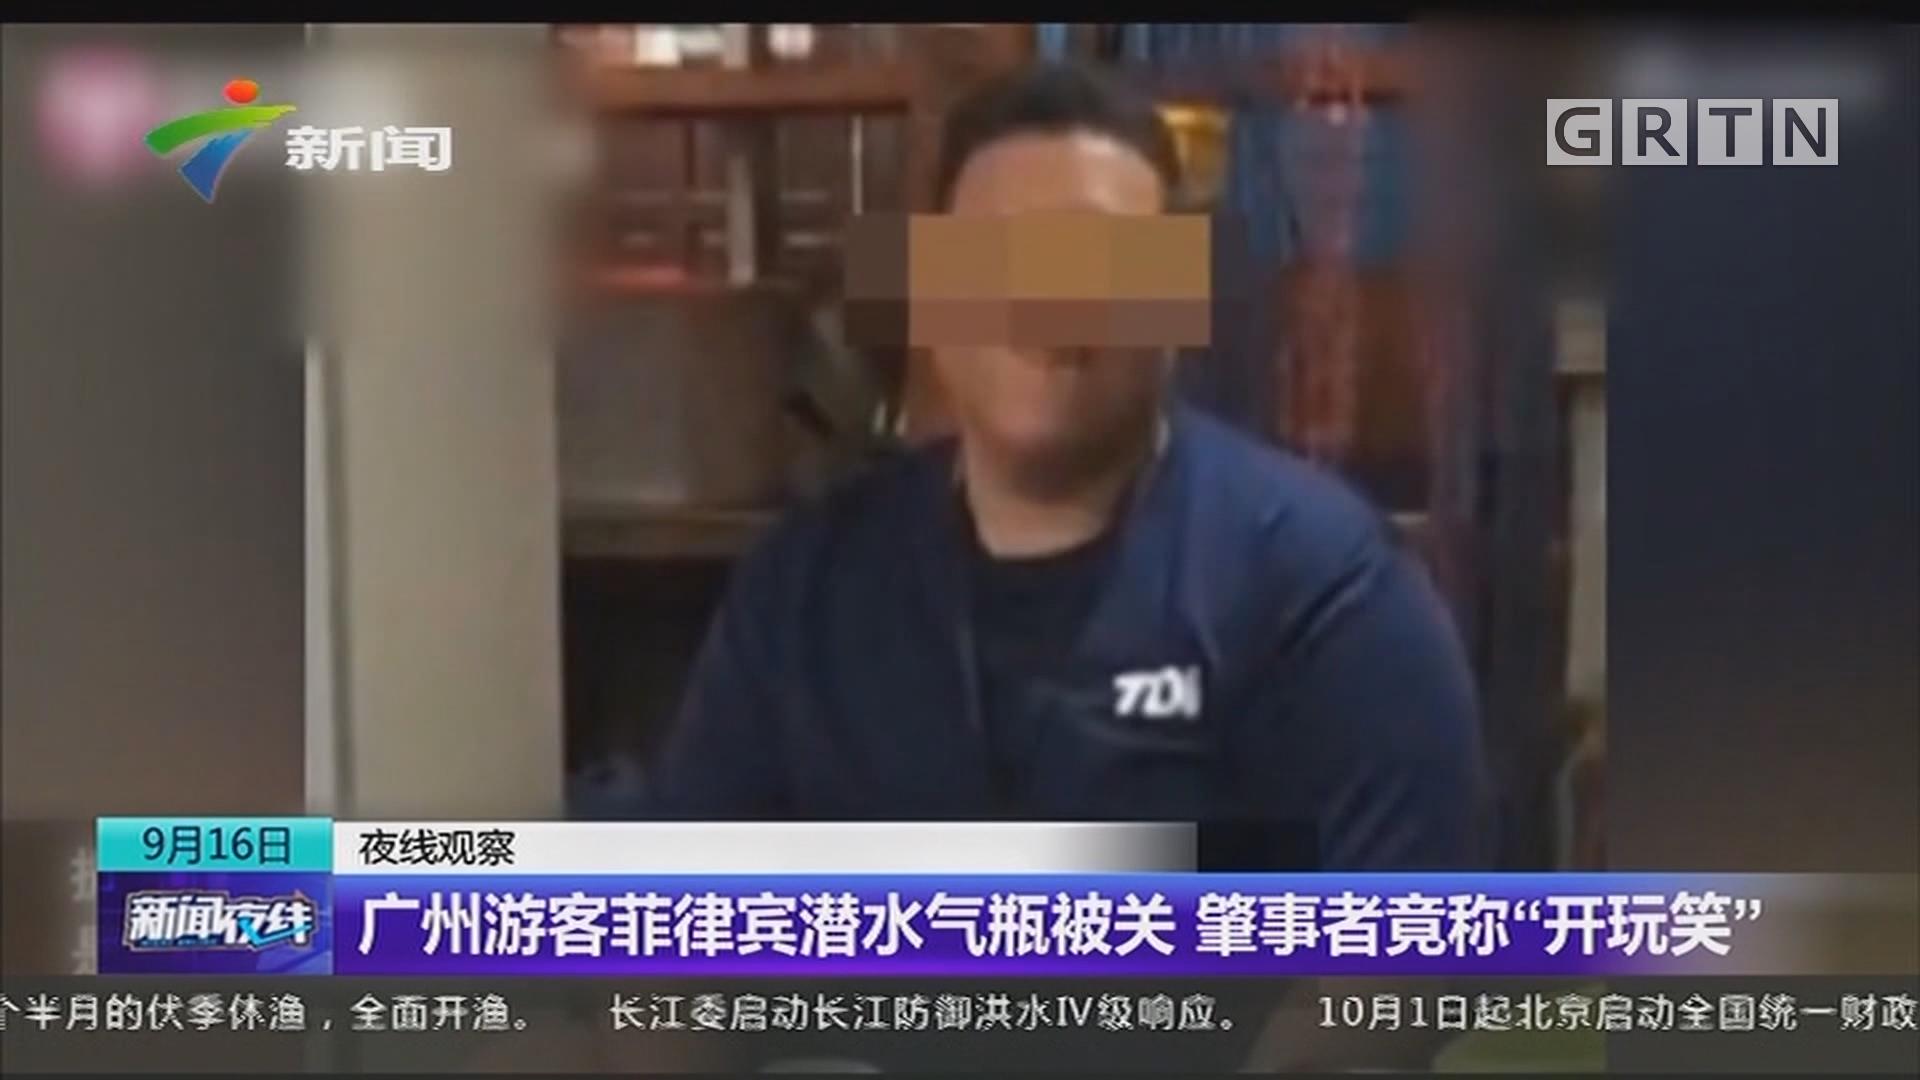 """广州游客菲律宾潜水气瓶被关 肇事者竟称""""开玩笑"""""""